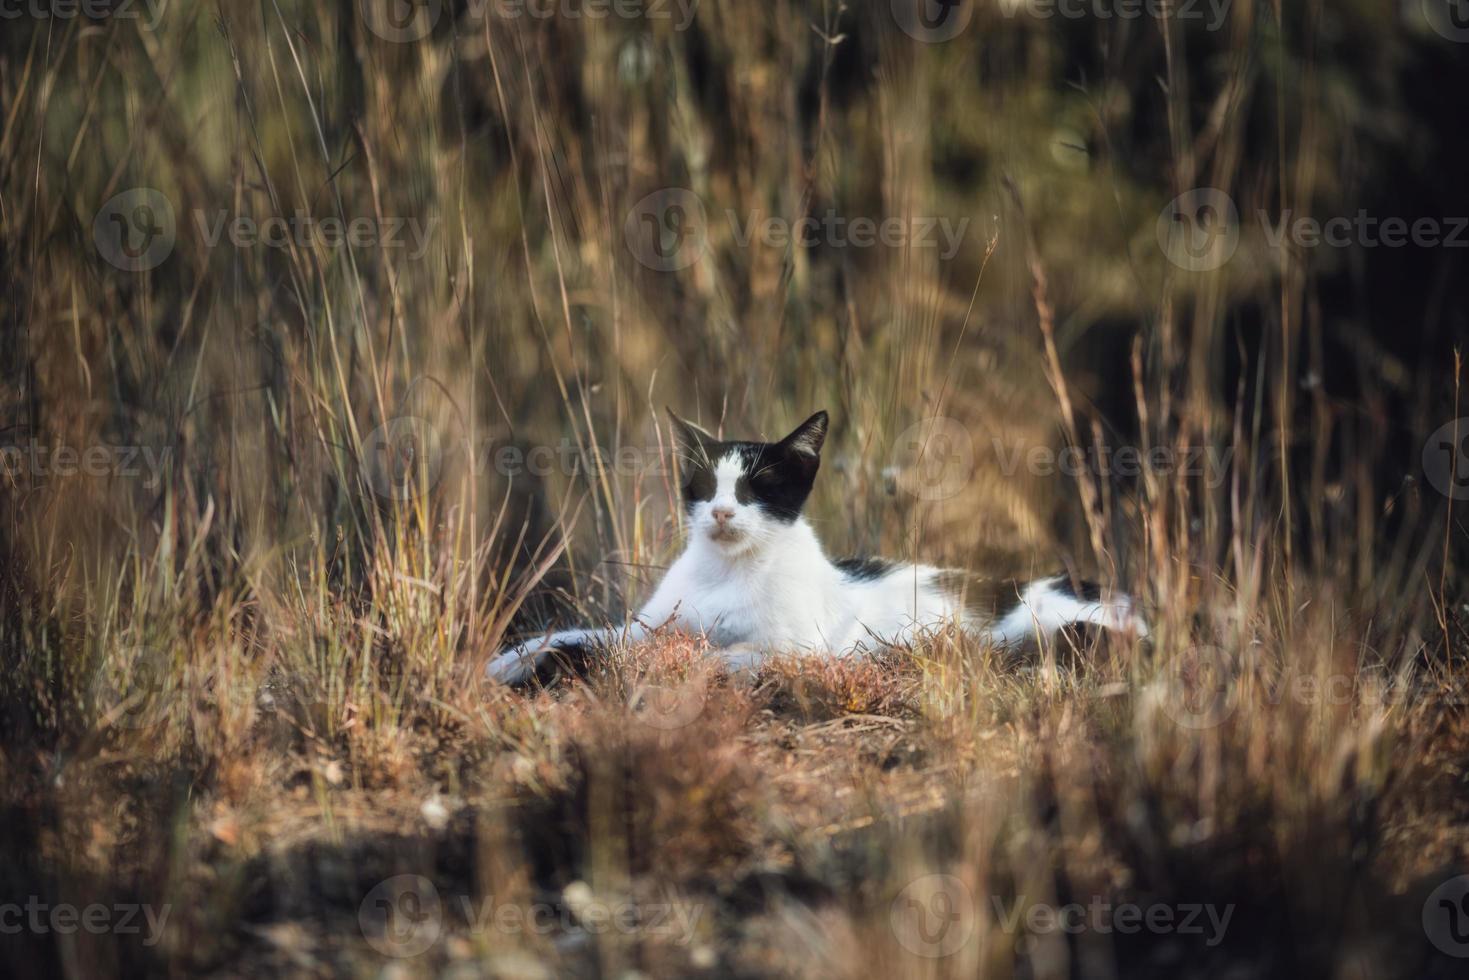 gato doméstico, gato blanco y negro tendido en el prado, dormita y escucha a su alrededor. foto